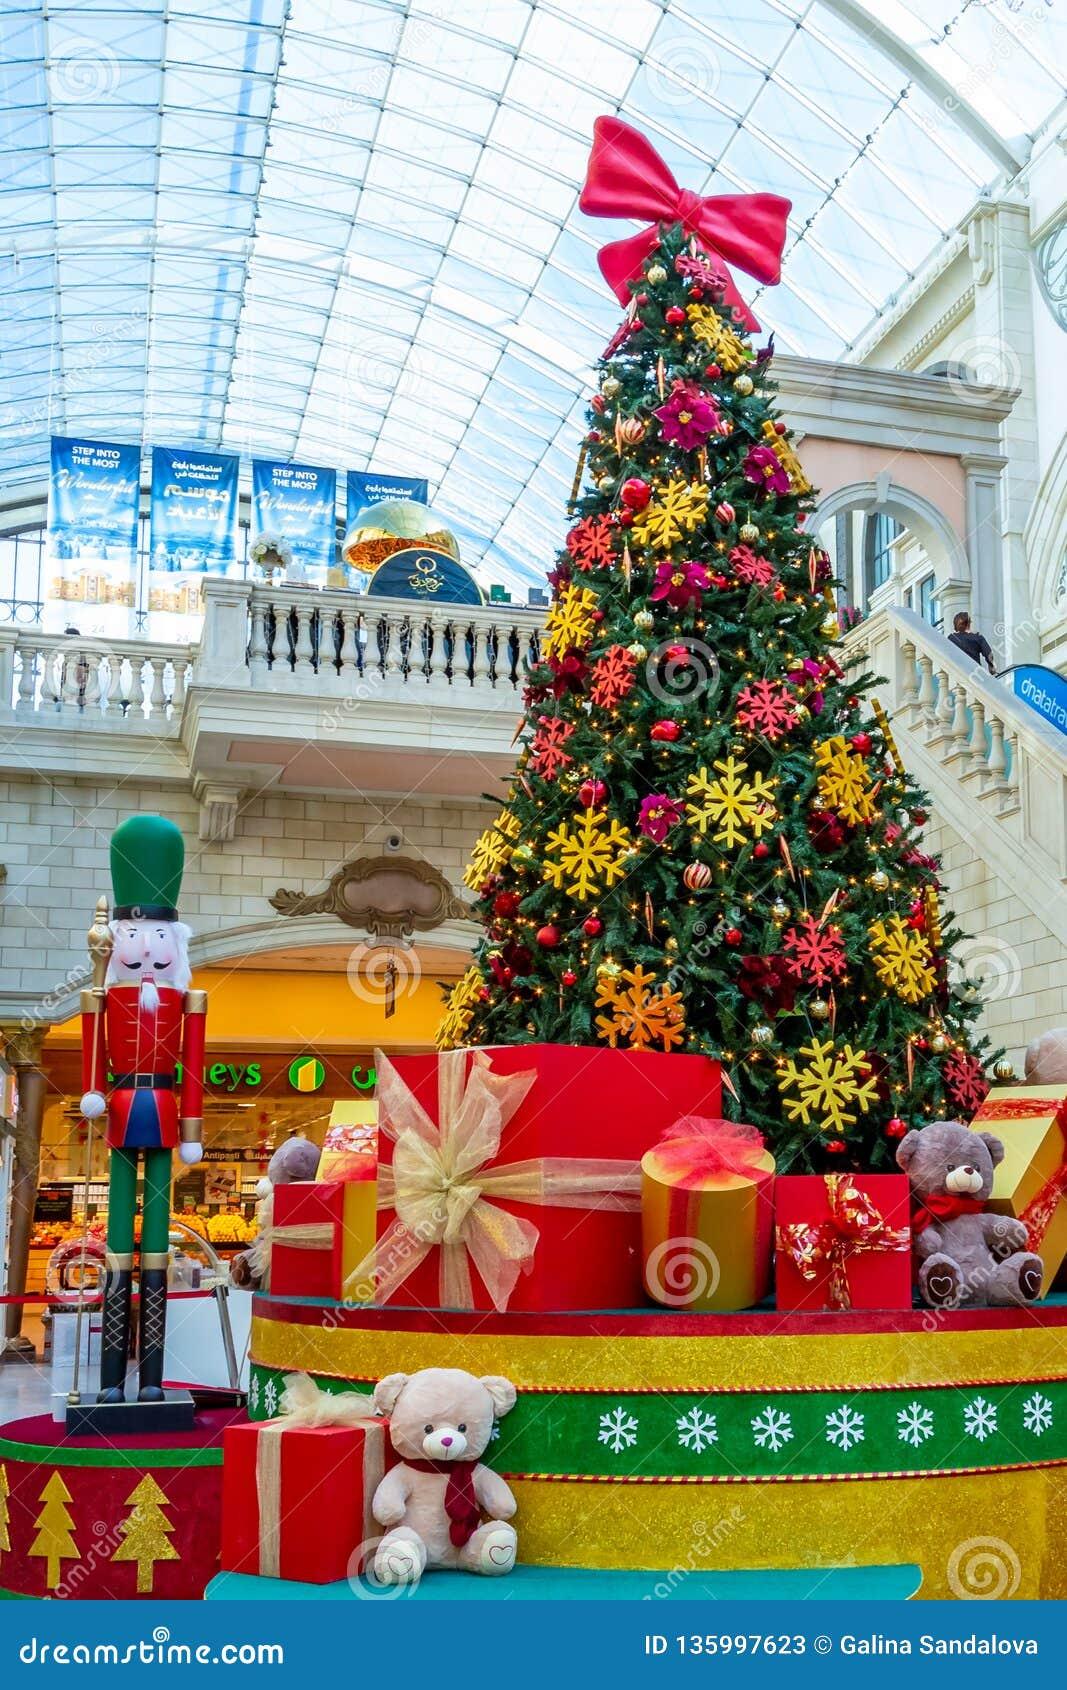 Ντουμπάι, Ηνωμένα Αραβικά Εμιράτα - 12 Δεκεμβρίου 2018: Διακοσμημένο χριστουγεννιάτικο δέντρο με τα δώρα στη λεωφόρο